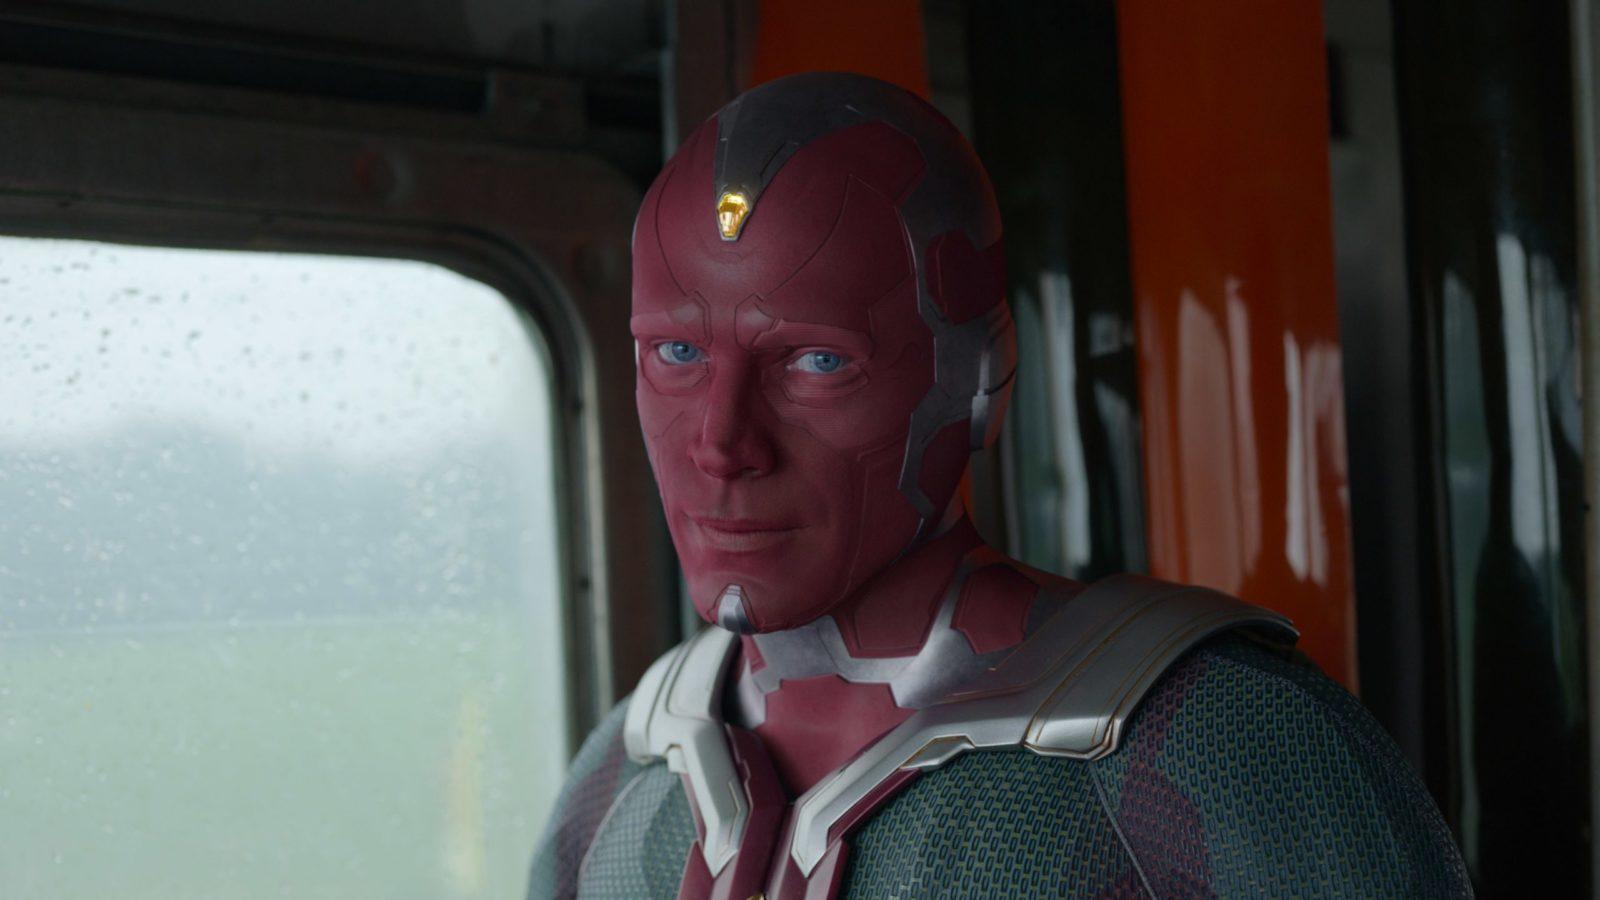 Visão (Paul Bettany) bancando o Jim (The Office) no sétimo episódio de WandaVision.